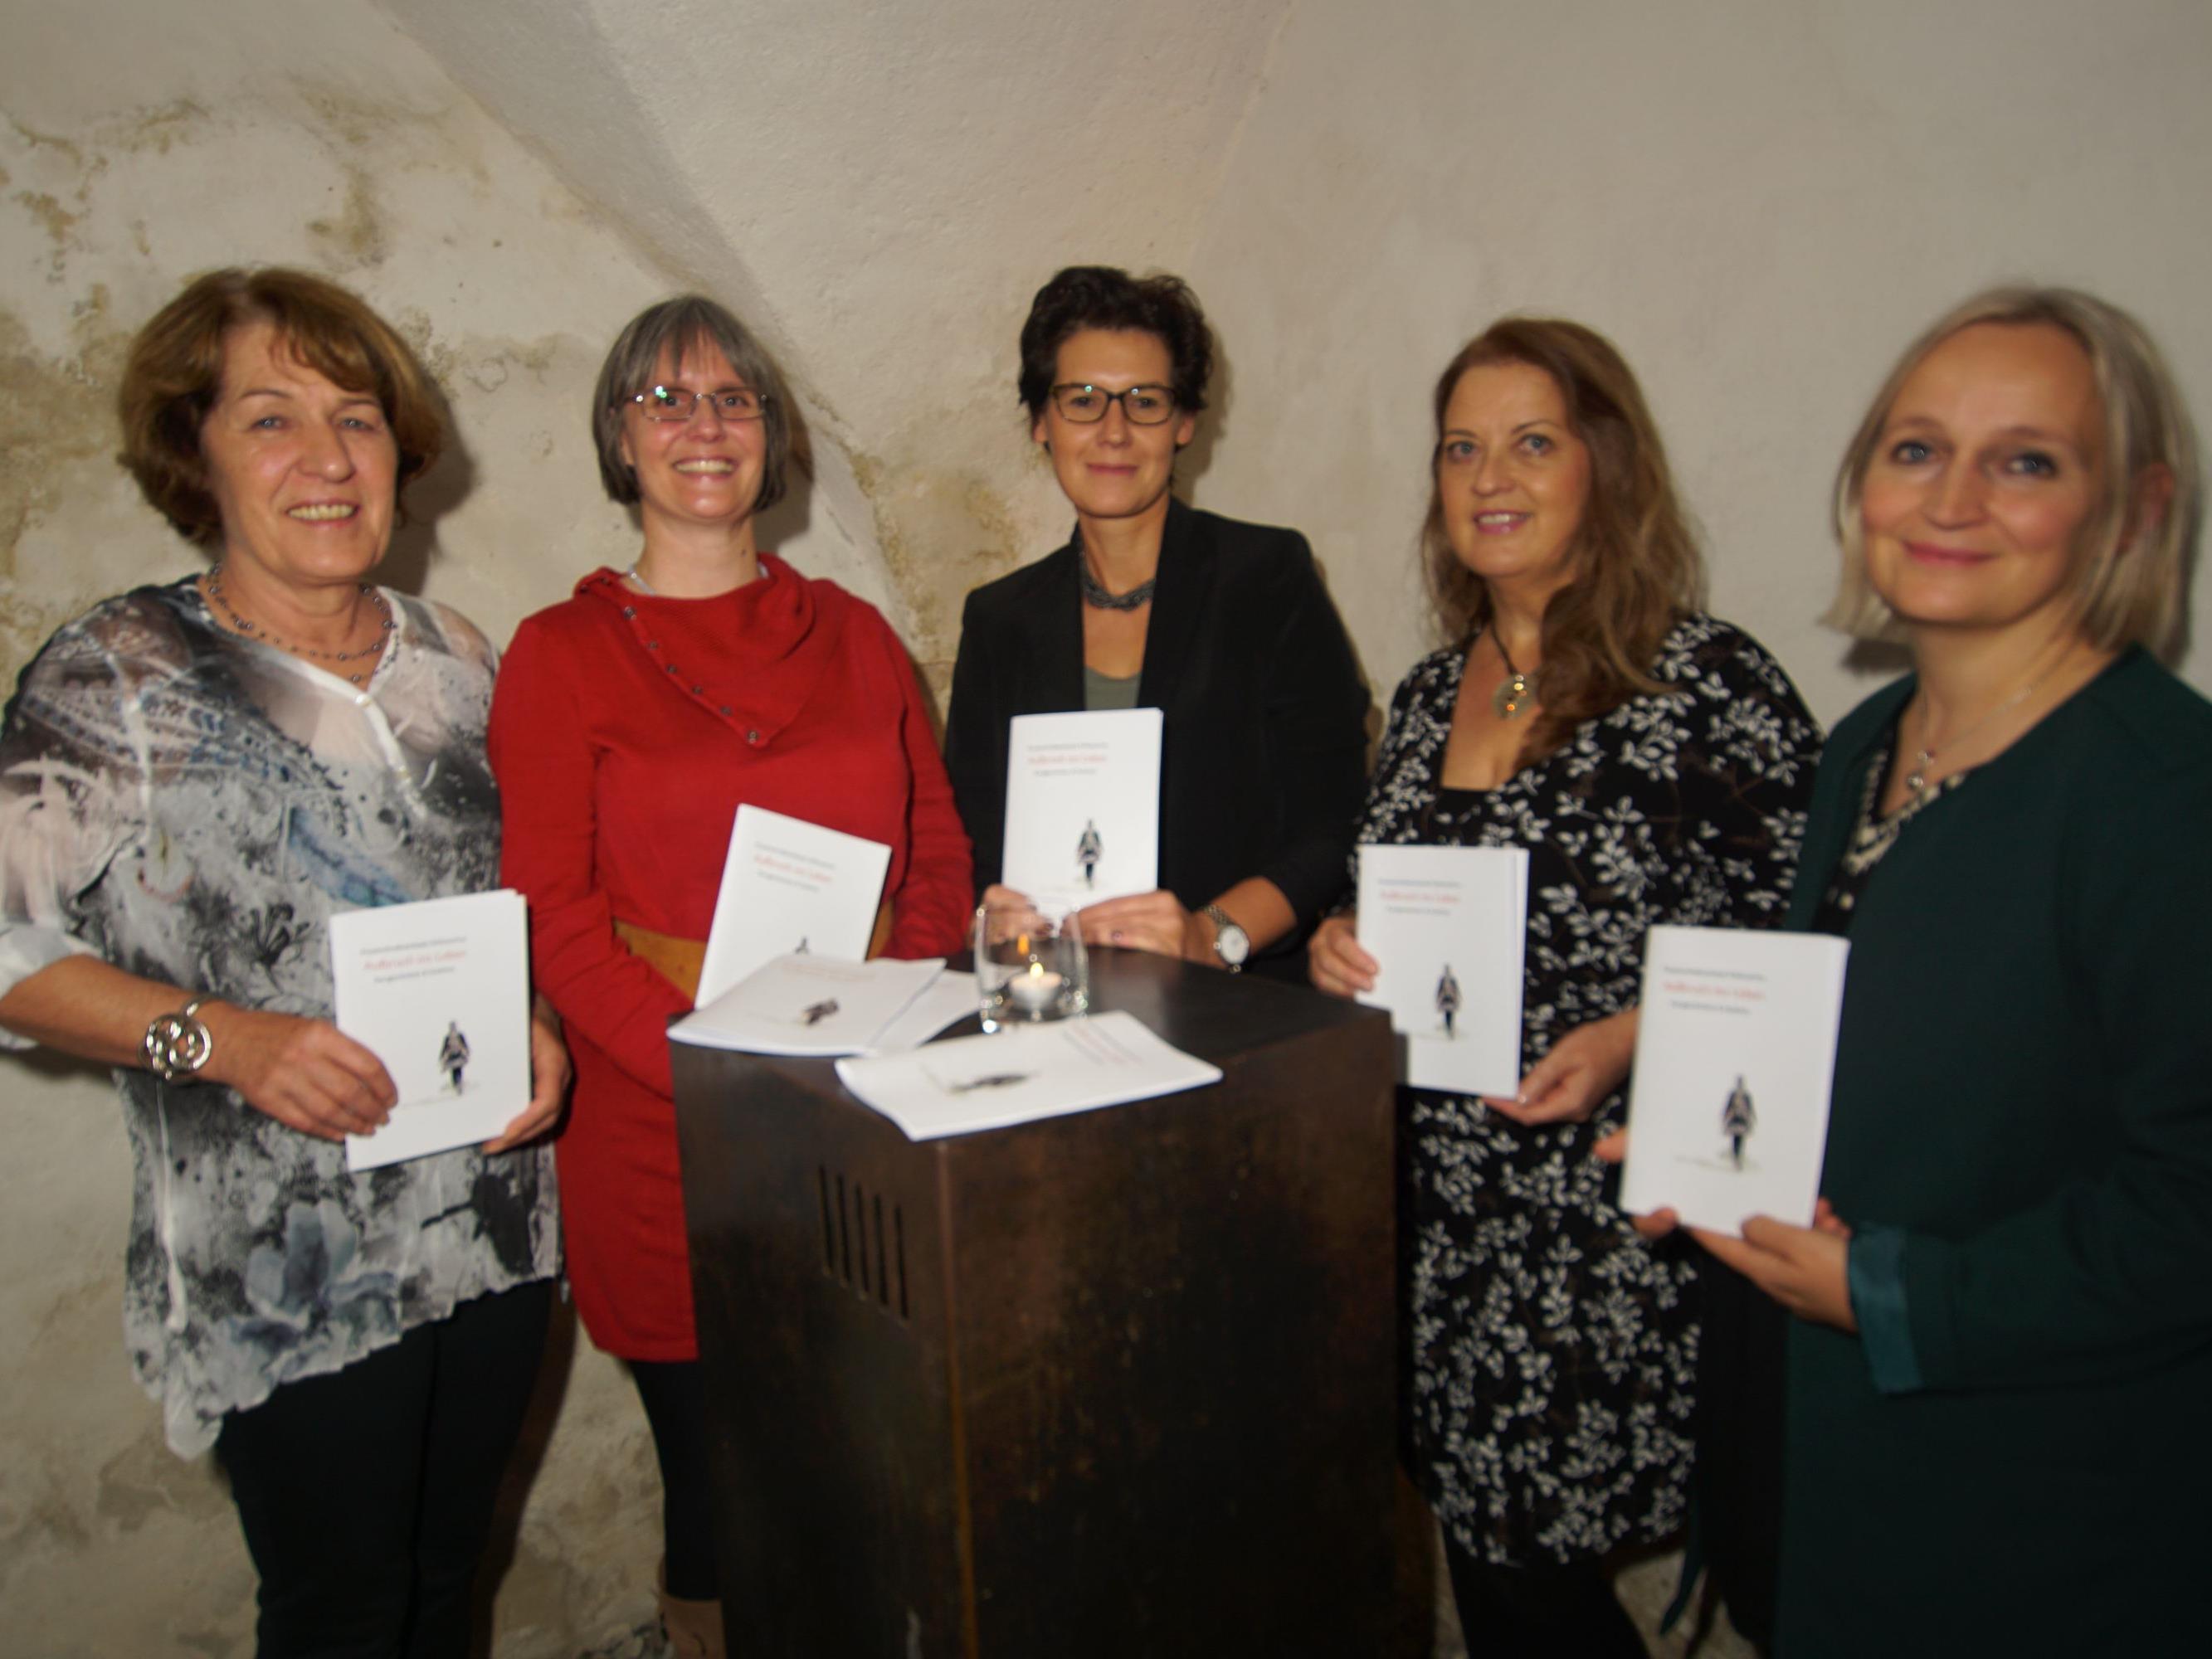 Die Autorinnen Monika Jäger, Pascale Dietrich, Claudia Kramlik, Ursula Flajs und Brigitte Breuss (v.l.), nicht auf dem Bild ist Silvia Wastian.